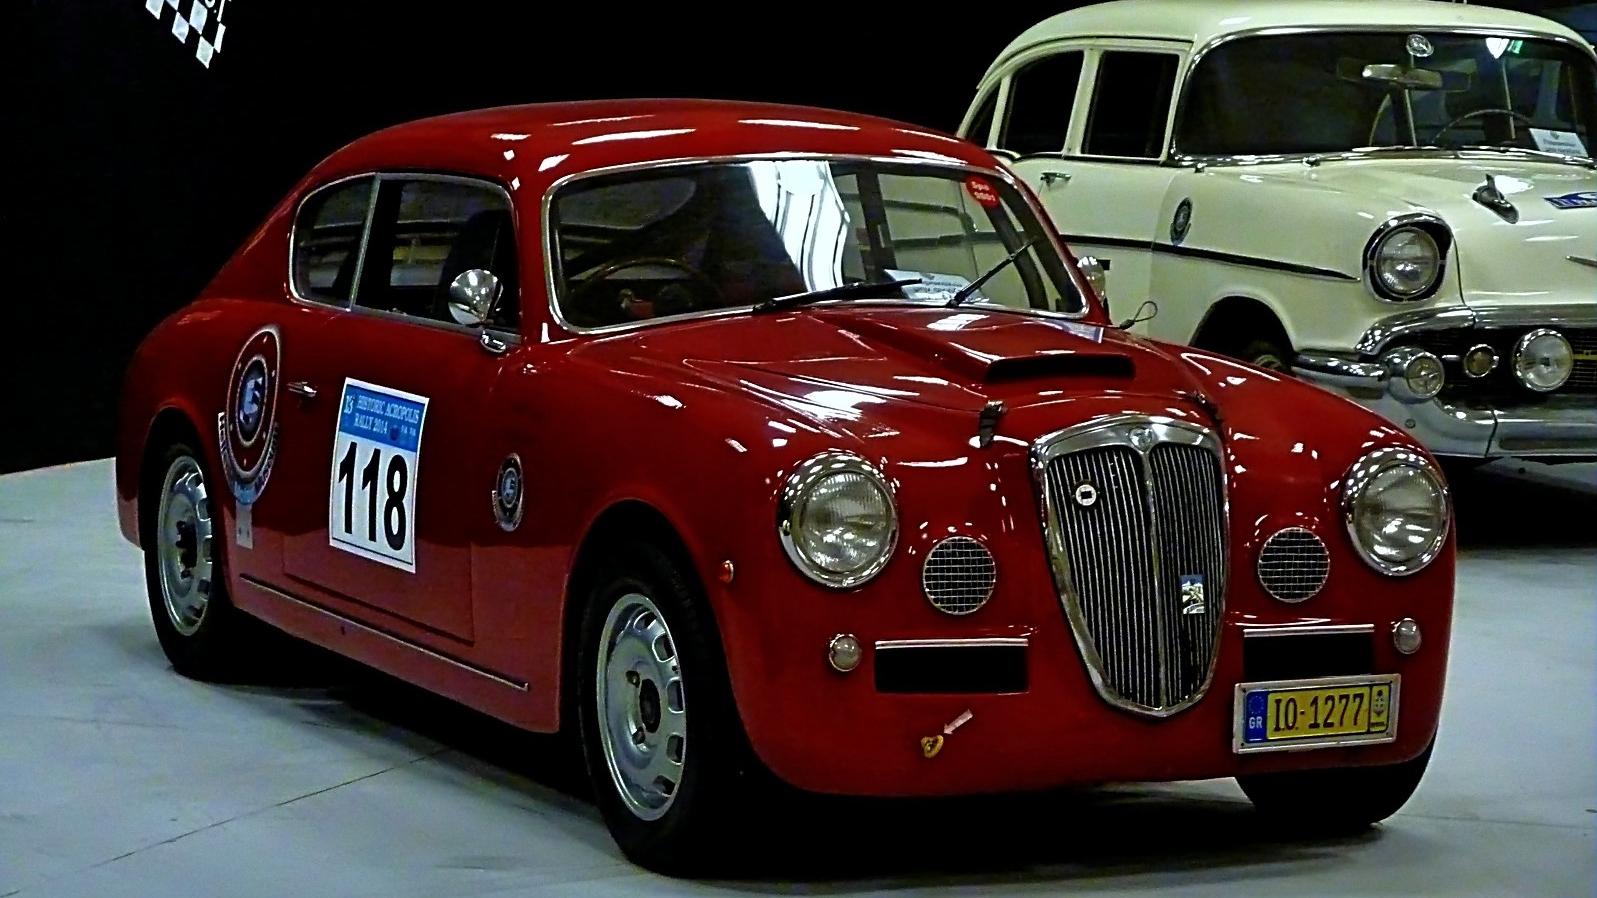 1953 Lancia Aurelia B24 ex L (55)